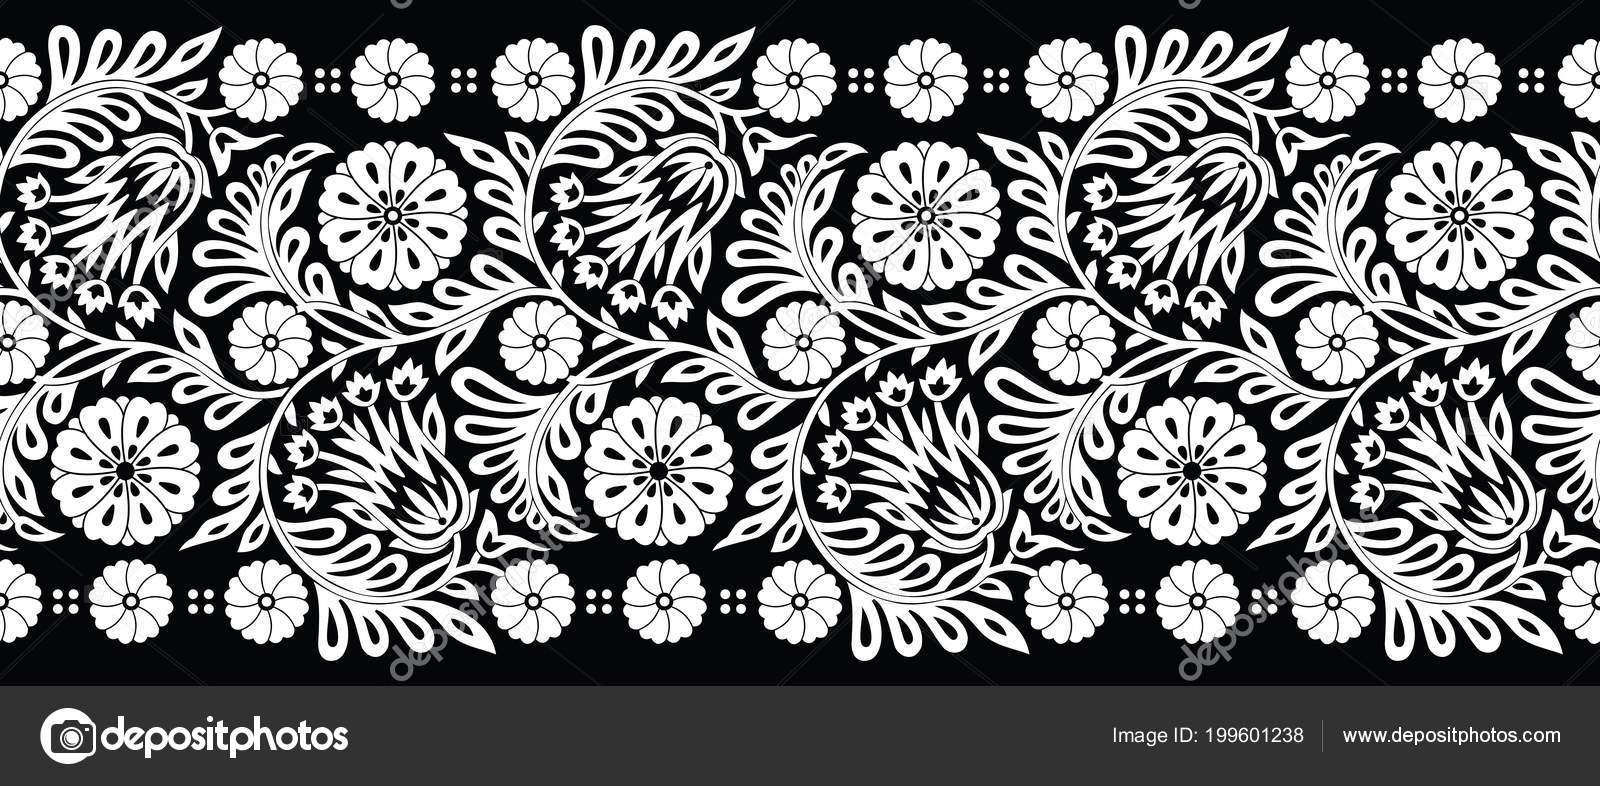 Black And White Flower Border Design Seamless Black White Flower Border Stock Vector C Malkani 199601238